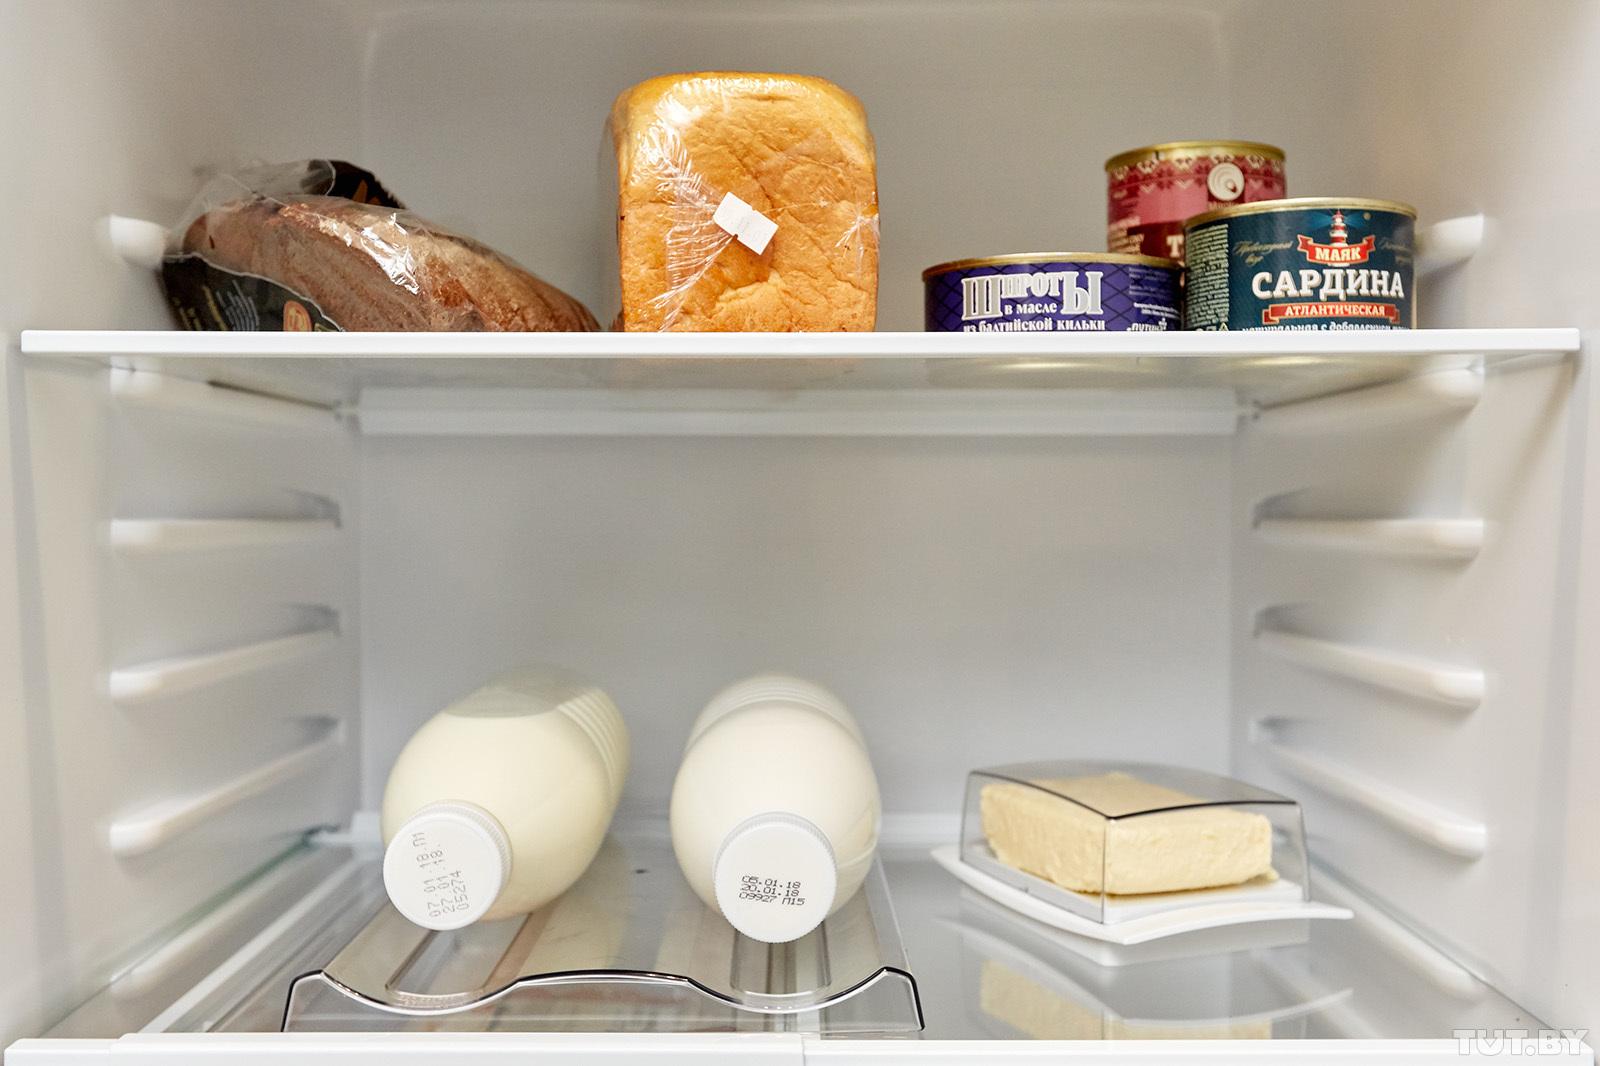 Почему помидоры нельзя хранить в холодильнике и чем это чревато: полезно знать